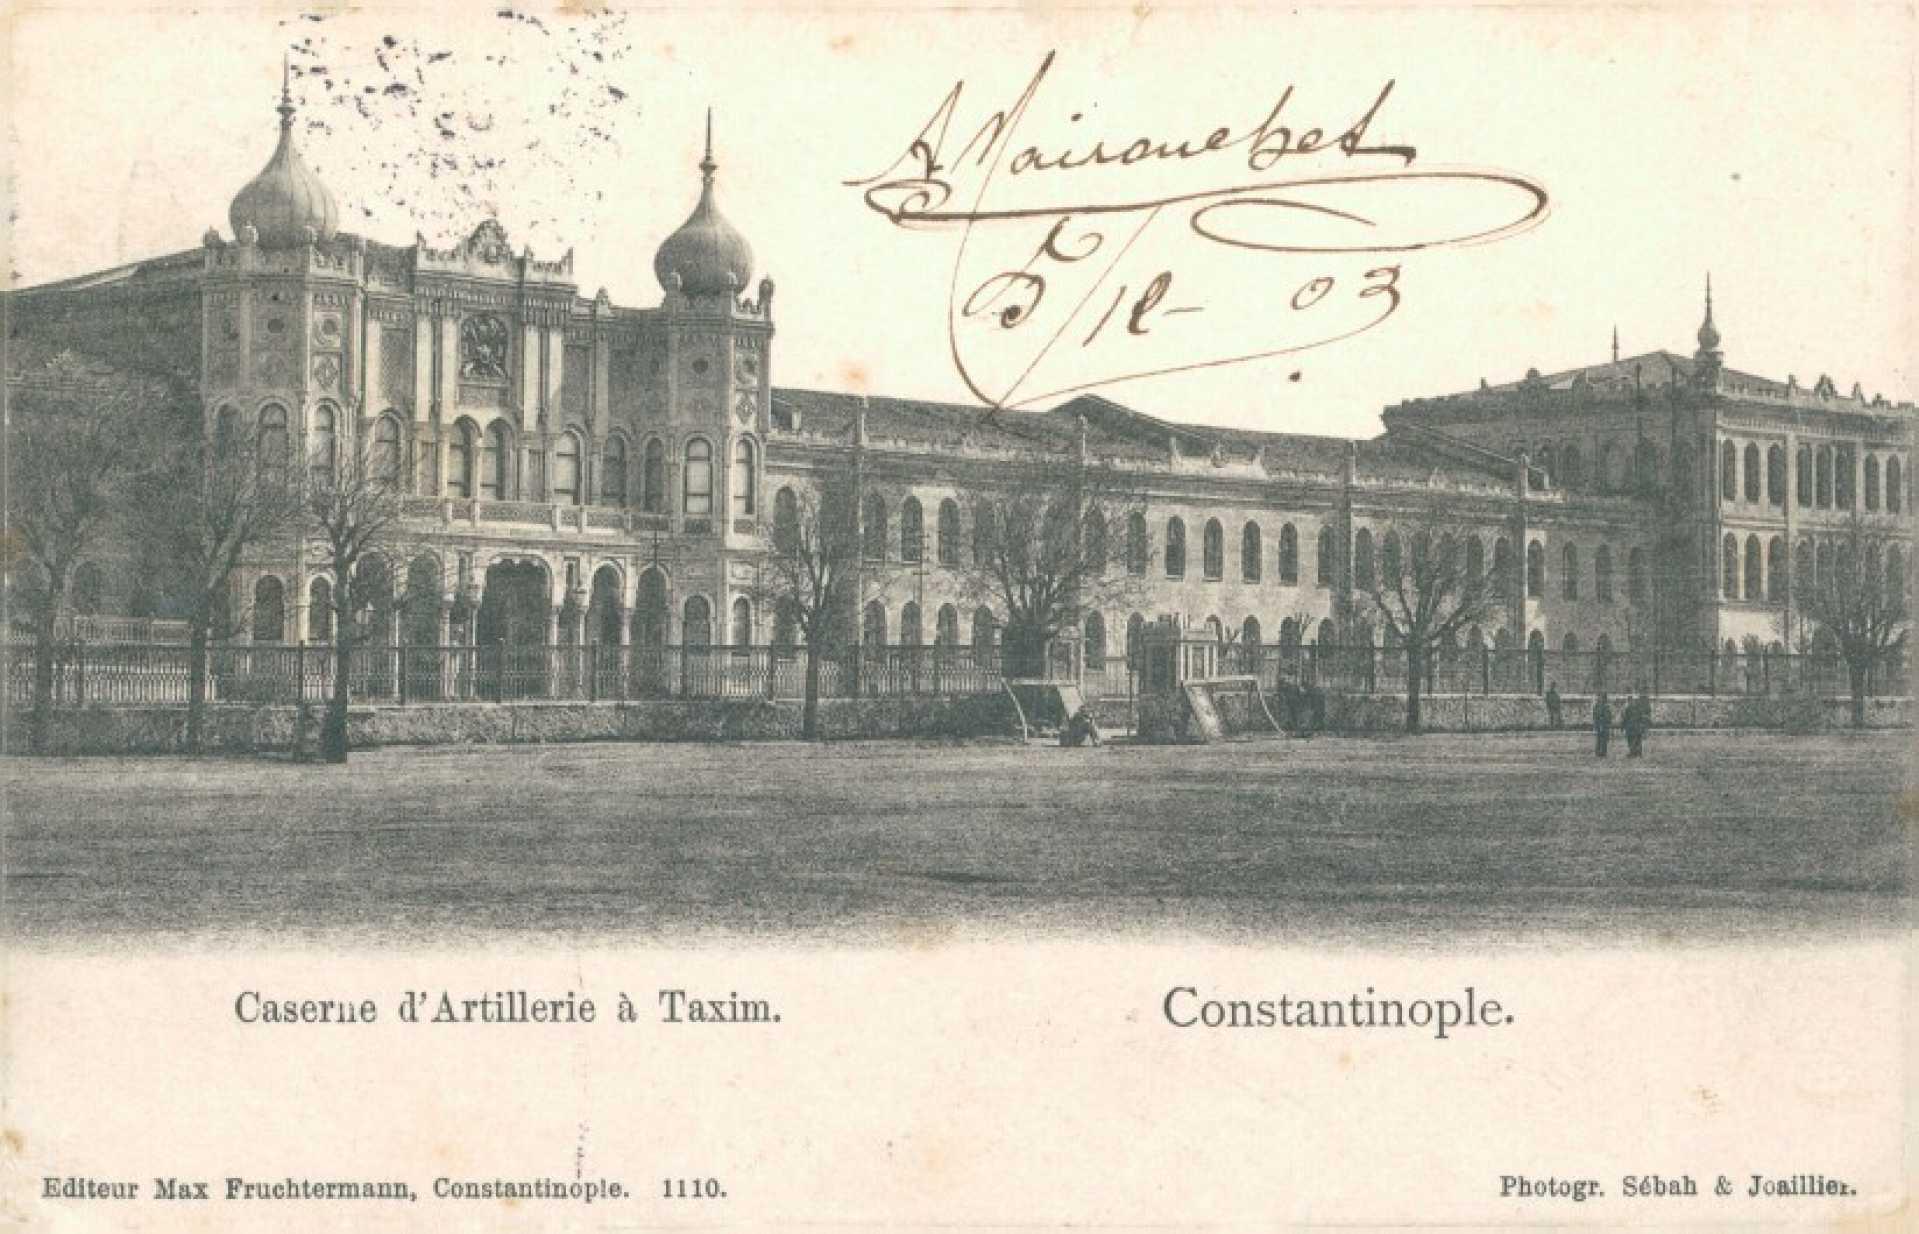 Caserne d'Artillerie a Taxim